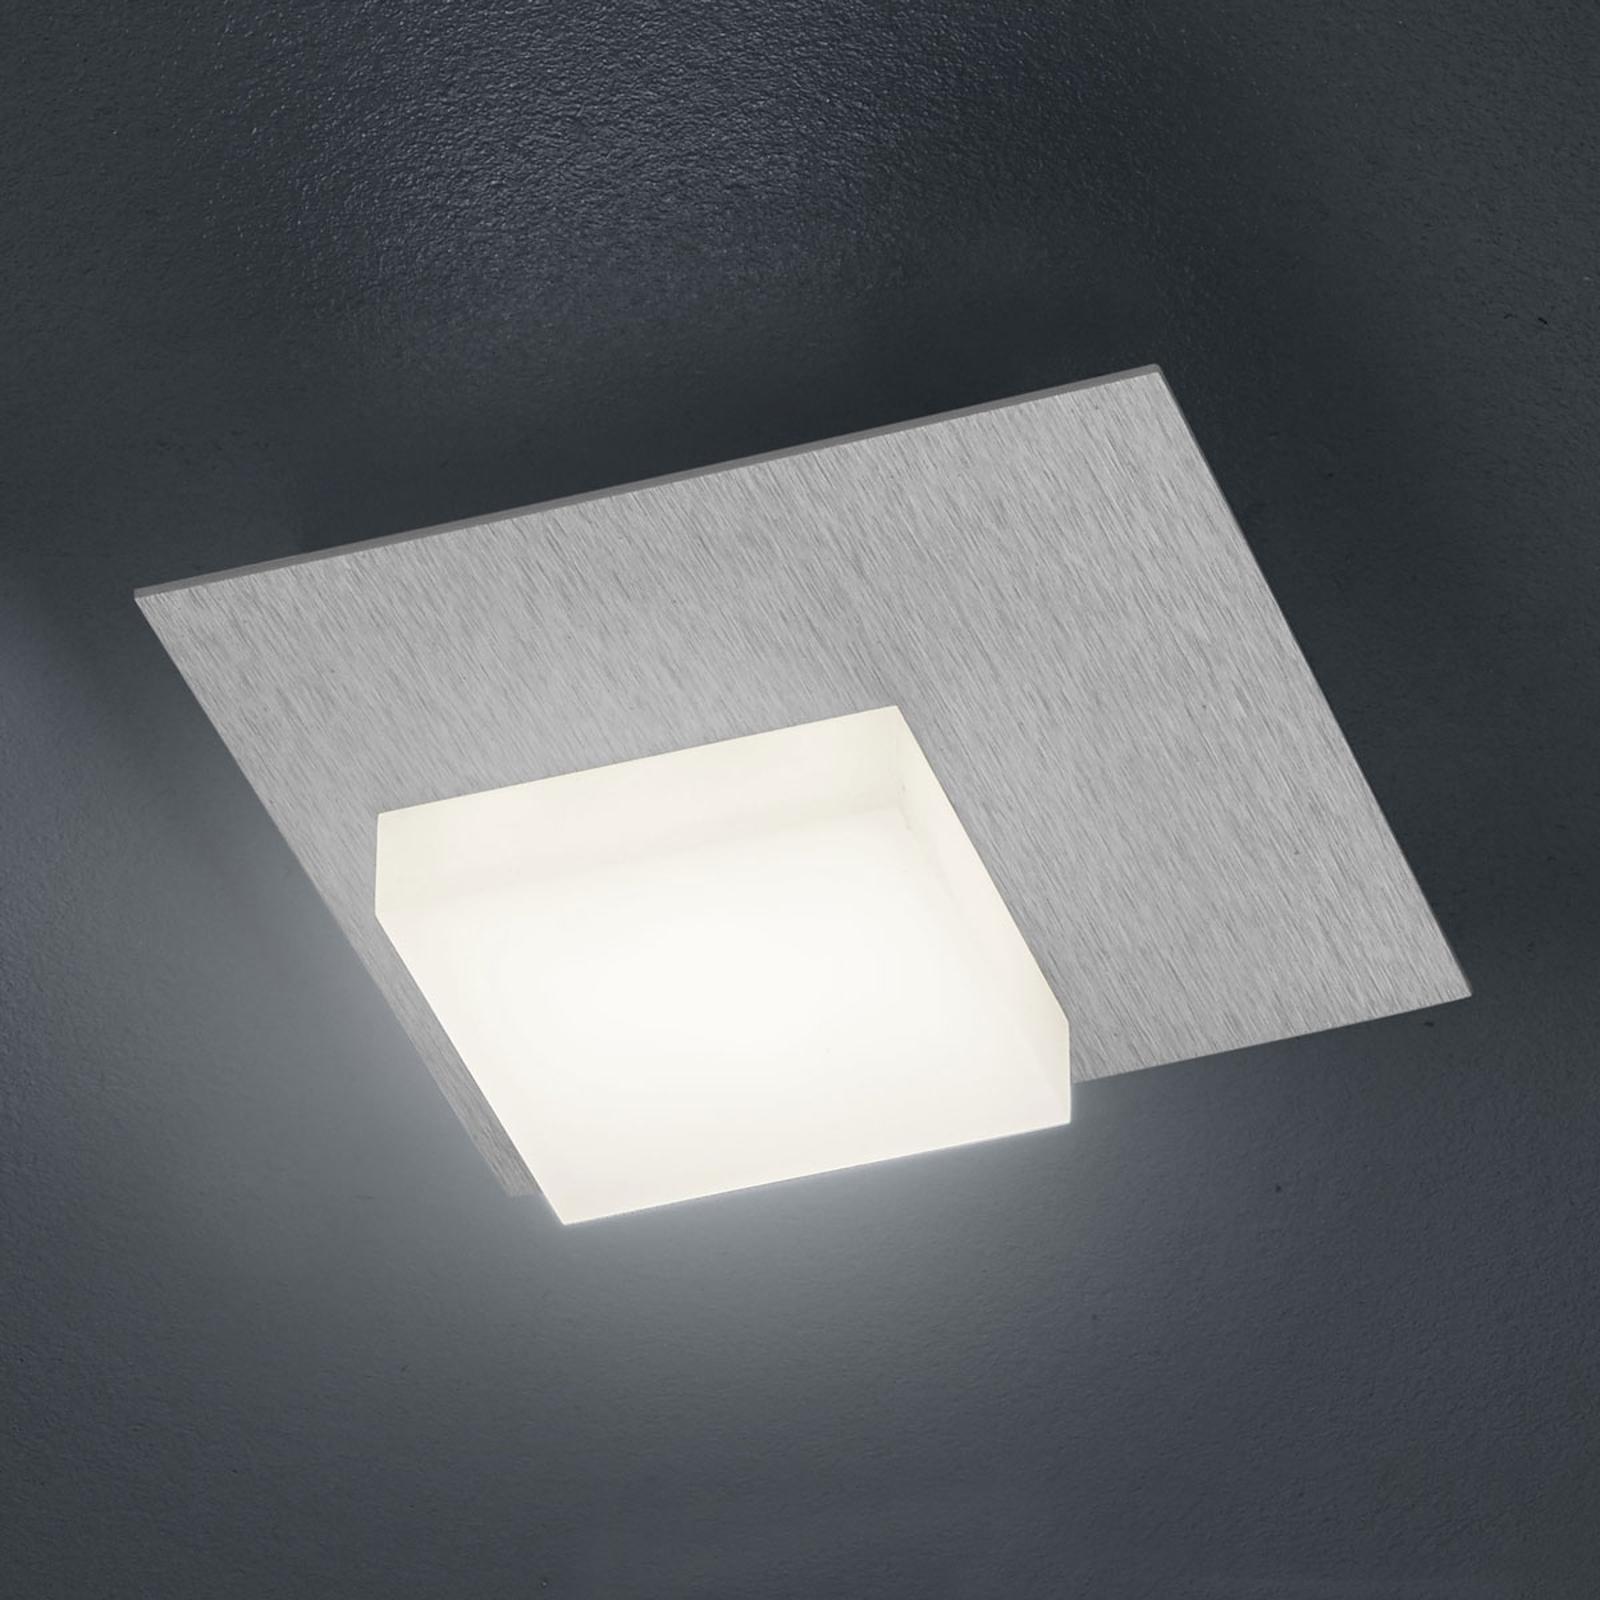 BANKAMP Cube LED-taklampe 8W, sølv